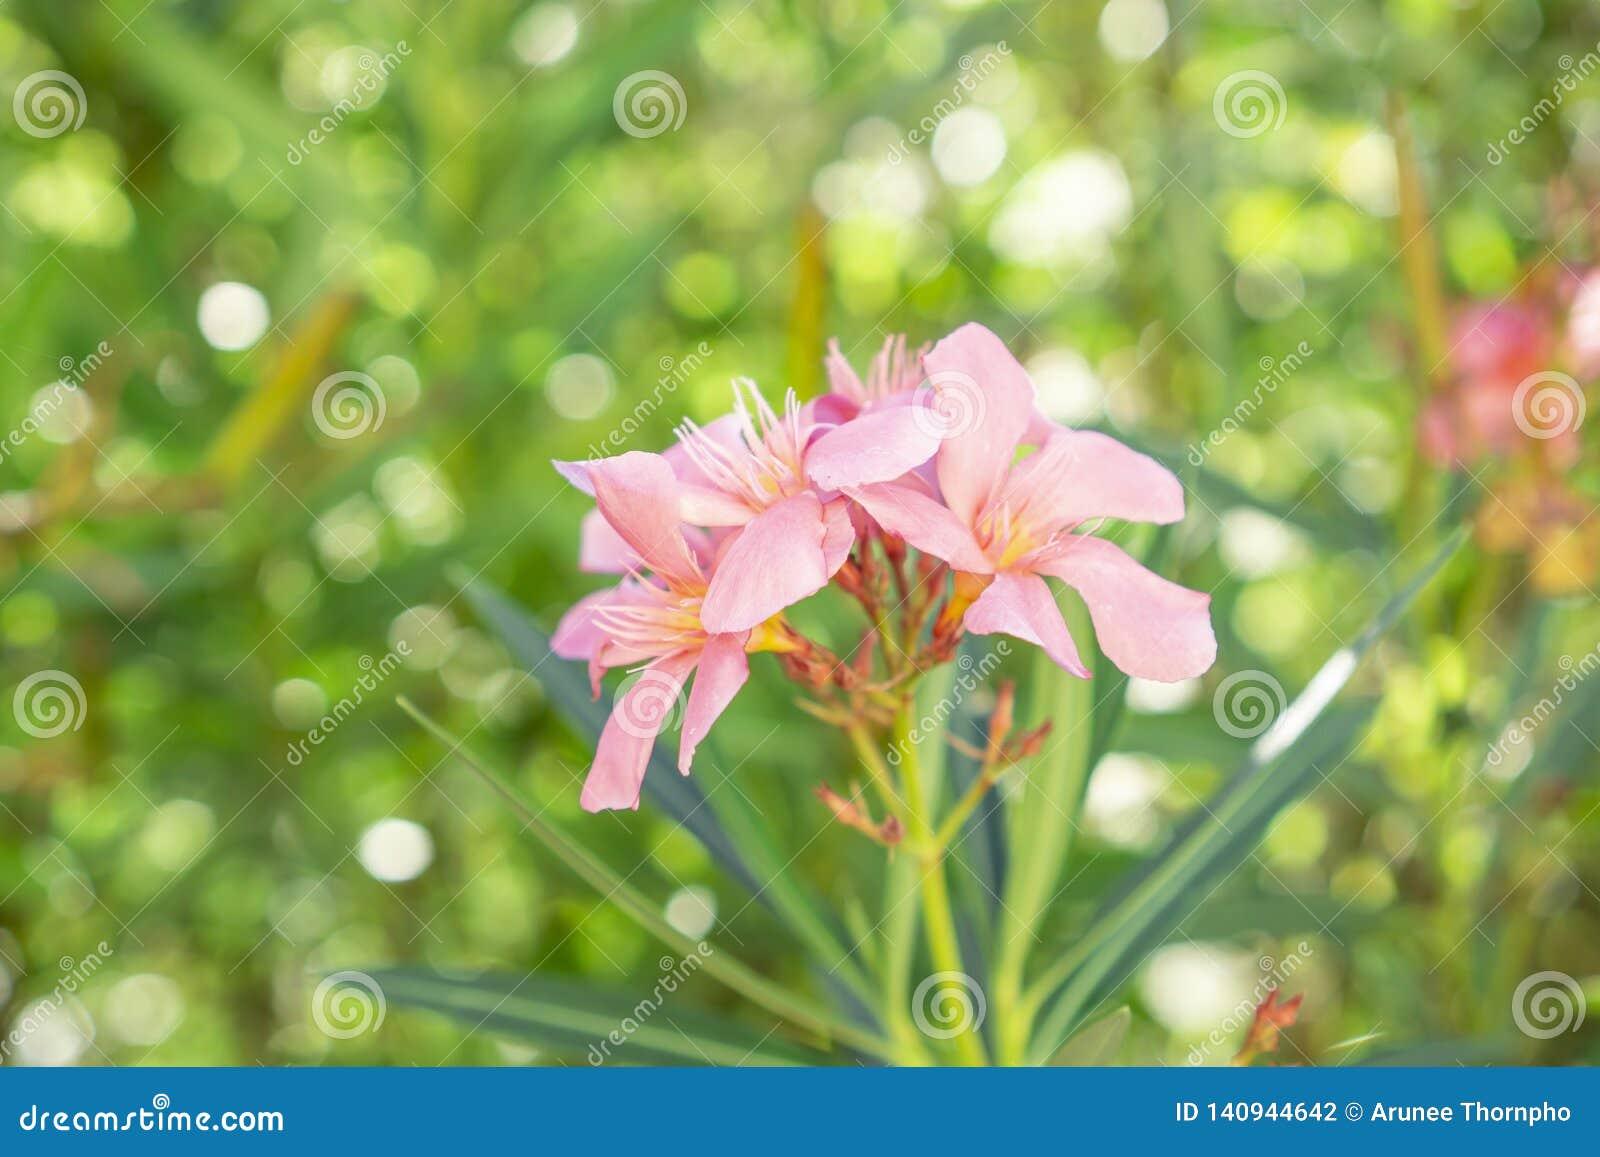 Een boeket van mooie roze bloemblaadjes die van geurige Zoete Oleander of Rose Bay, op groen bloeien doorbladert en vertroebelde